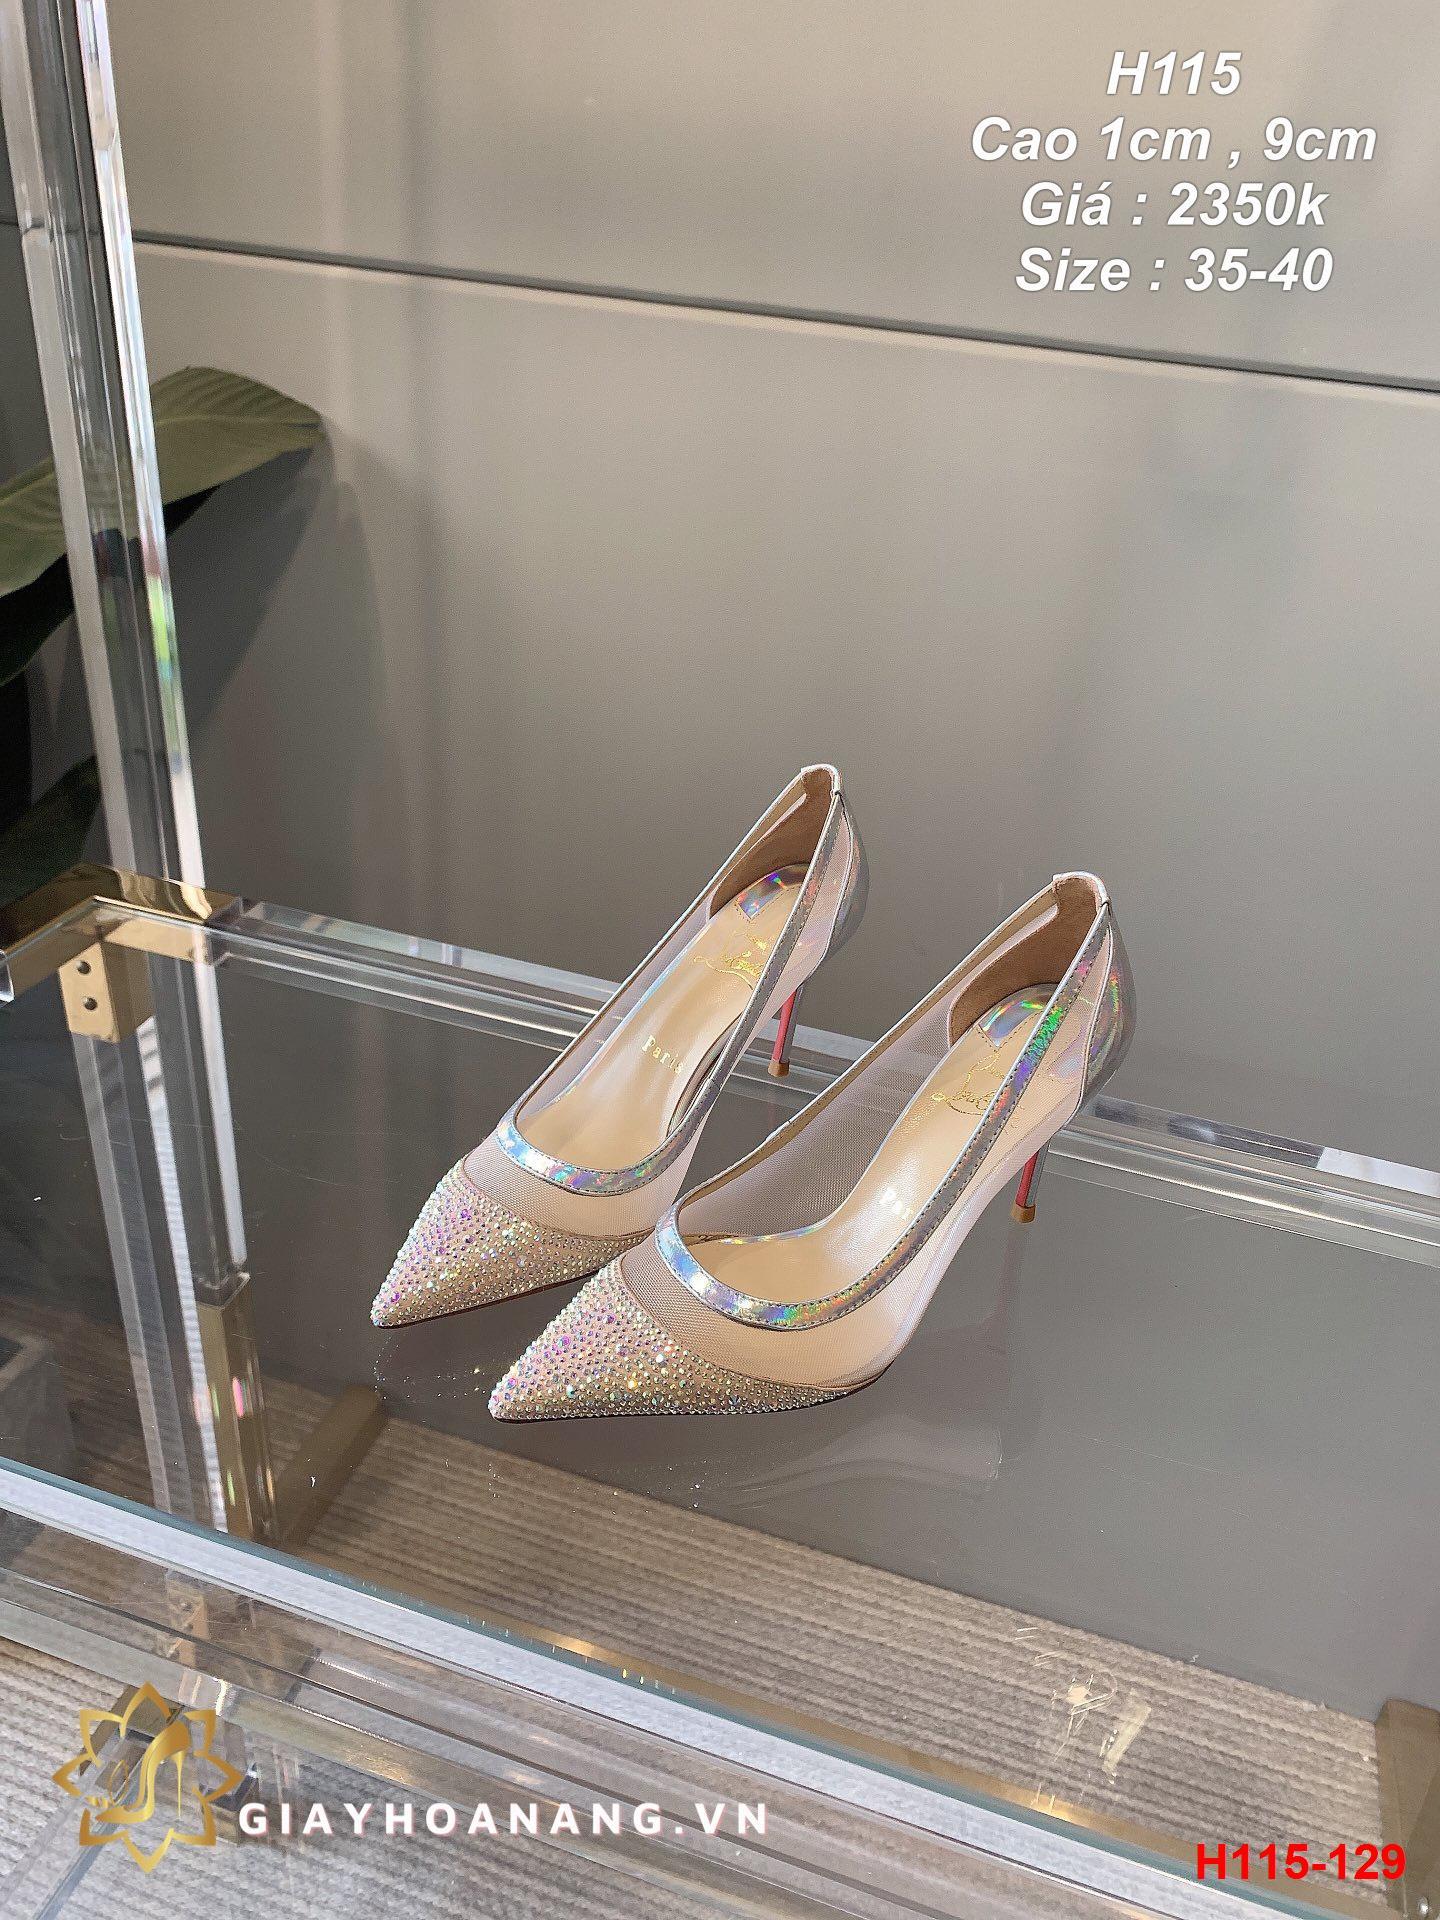 H115-129 Louboutin giày cao 1cm , 9cm siêu cấp